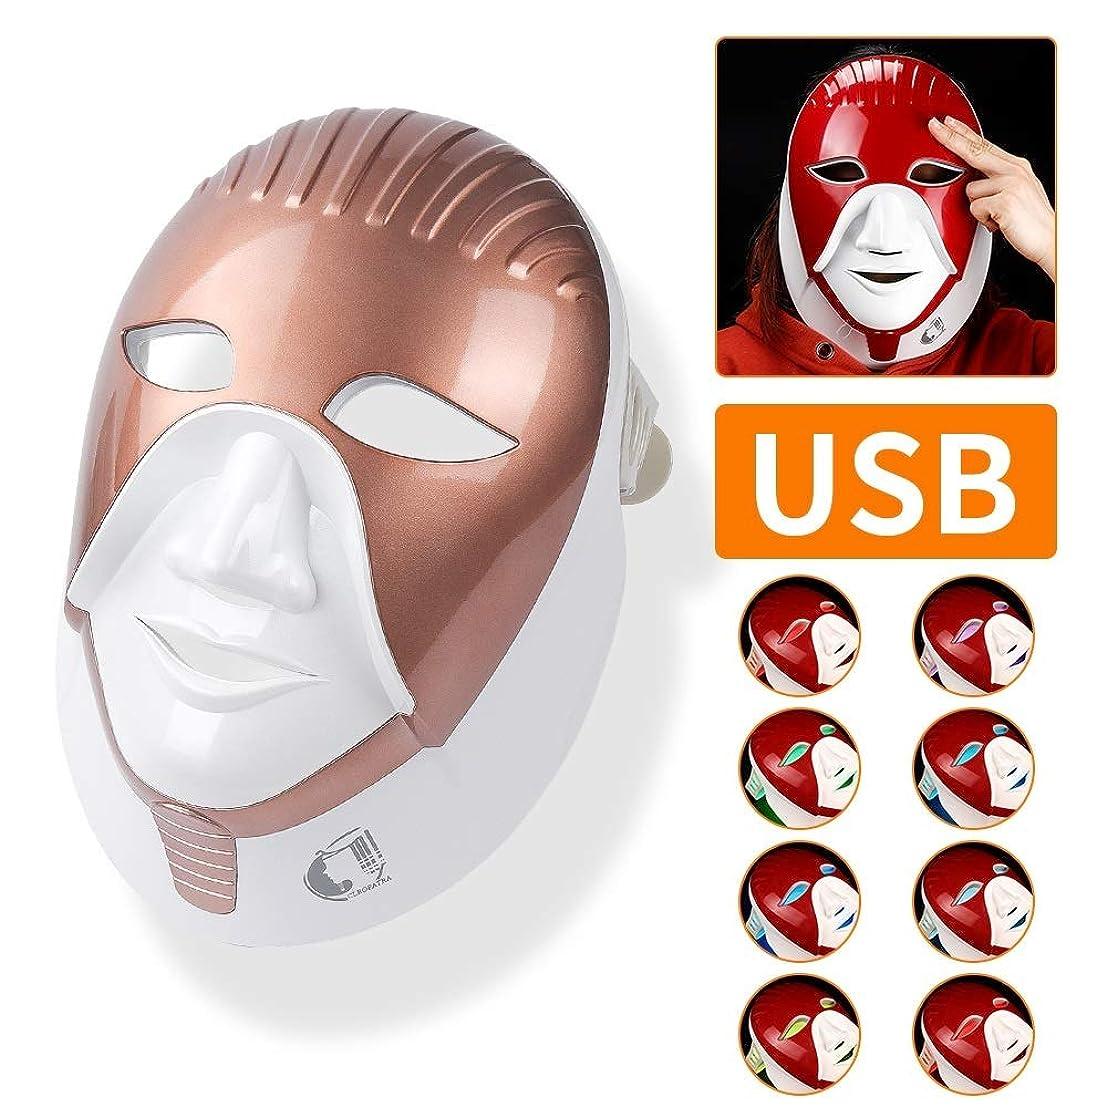 変数ソフィー謙虚な再充電可能な7色はスキンケアのためのマスクを導きました首のエジプト様式の光子療法の表面美の顔のマスクを導きました,A